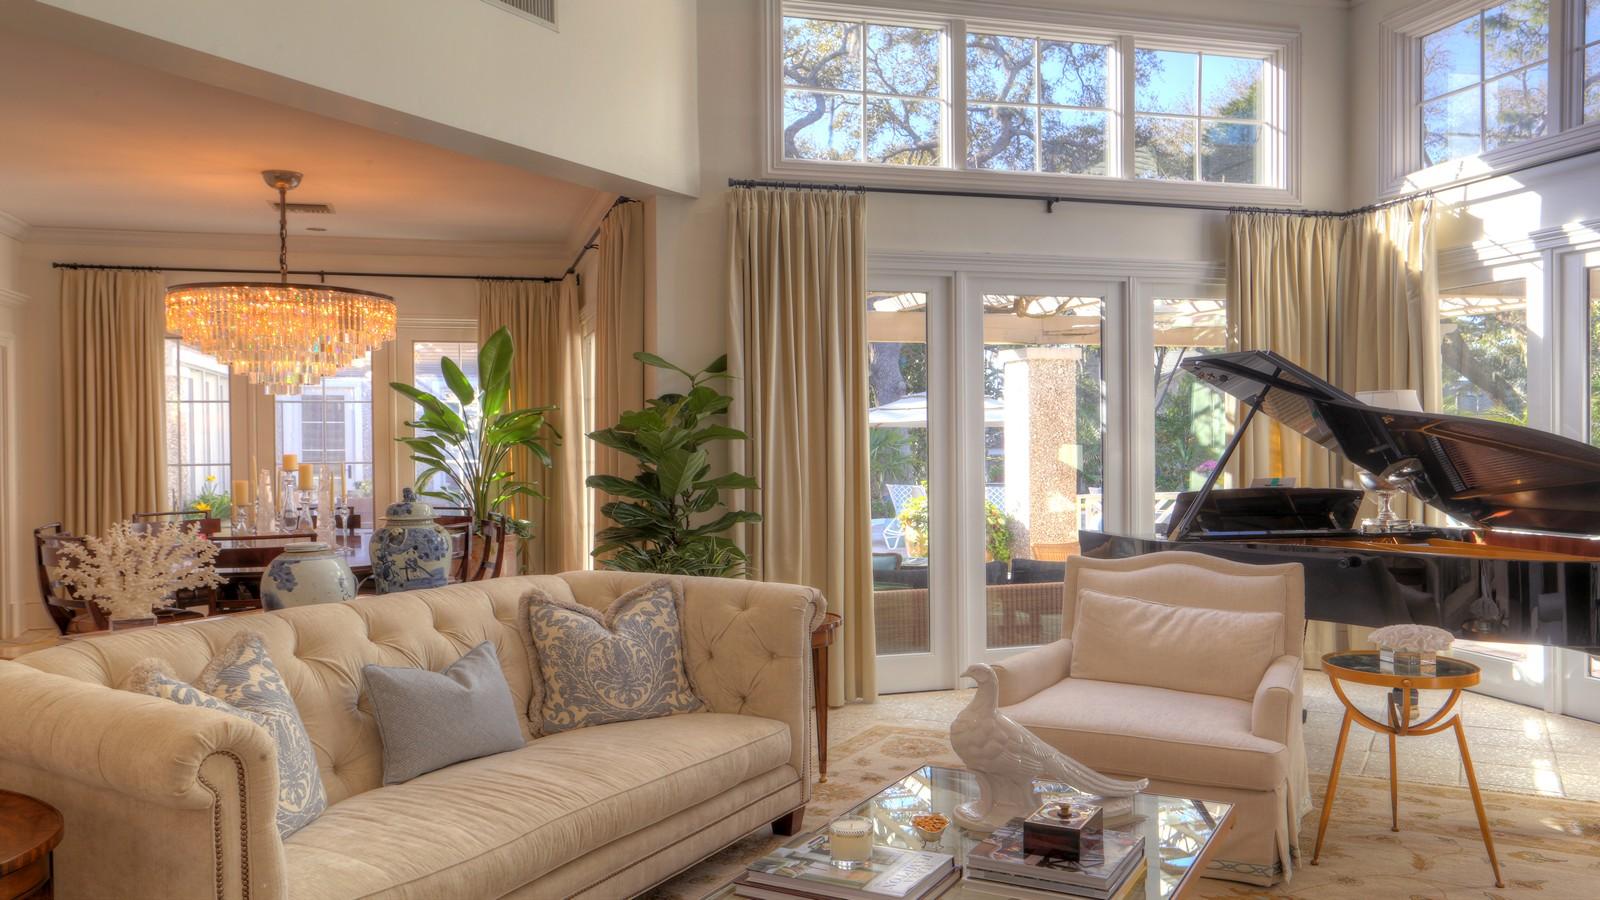 Частный односемейный дом для того Продажа на 5307 Oglethorpe Dr 5307 Oglethorpe Drive Sea Island, Джорджия 31561 Соединенные Штаты